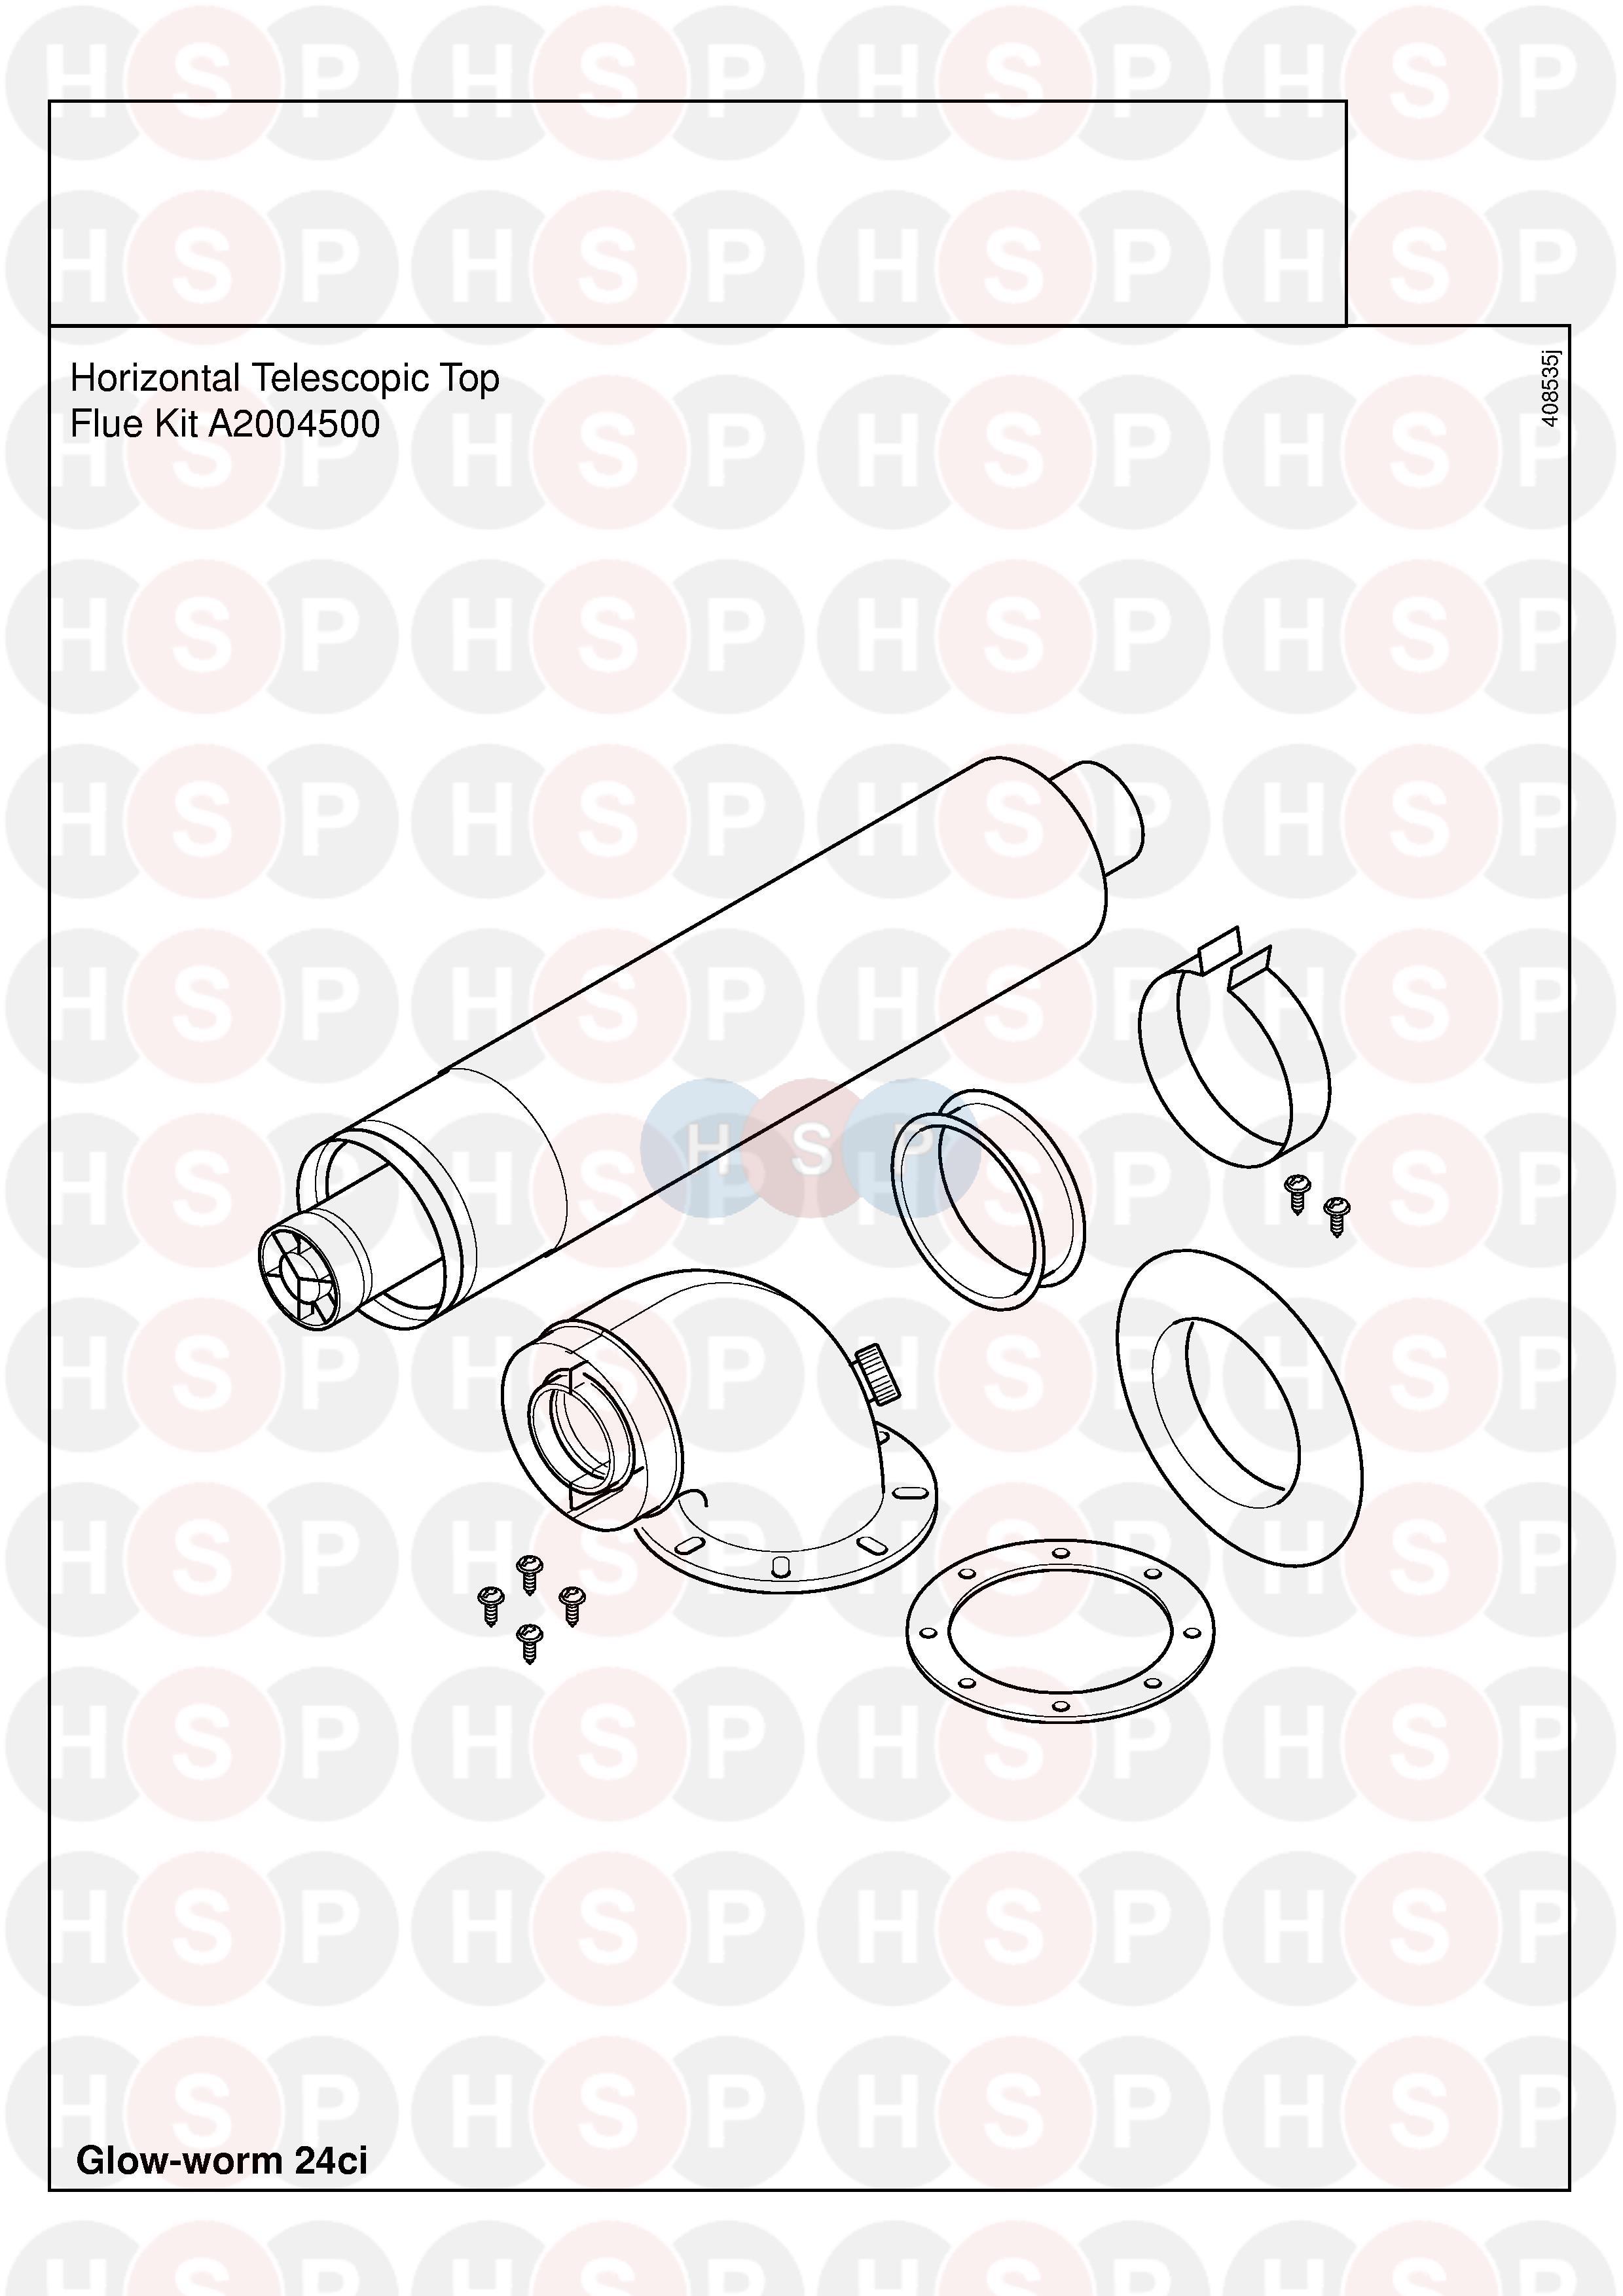 Glowworm GLOWWORM 24CI (FLUE) Diagram | Heating Spare Parts